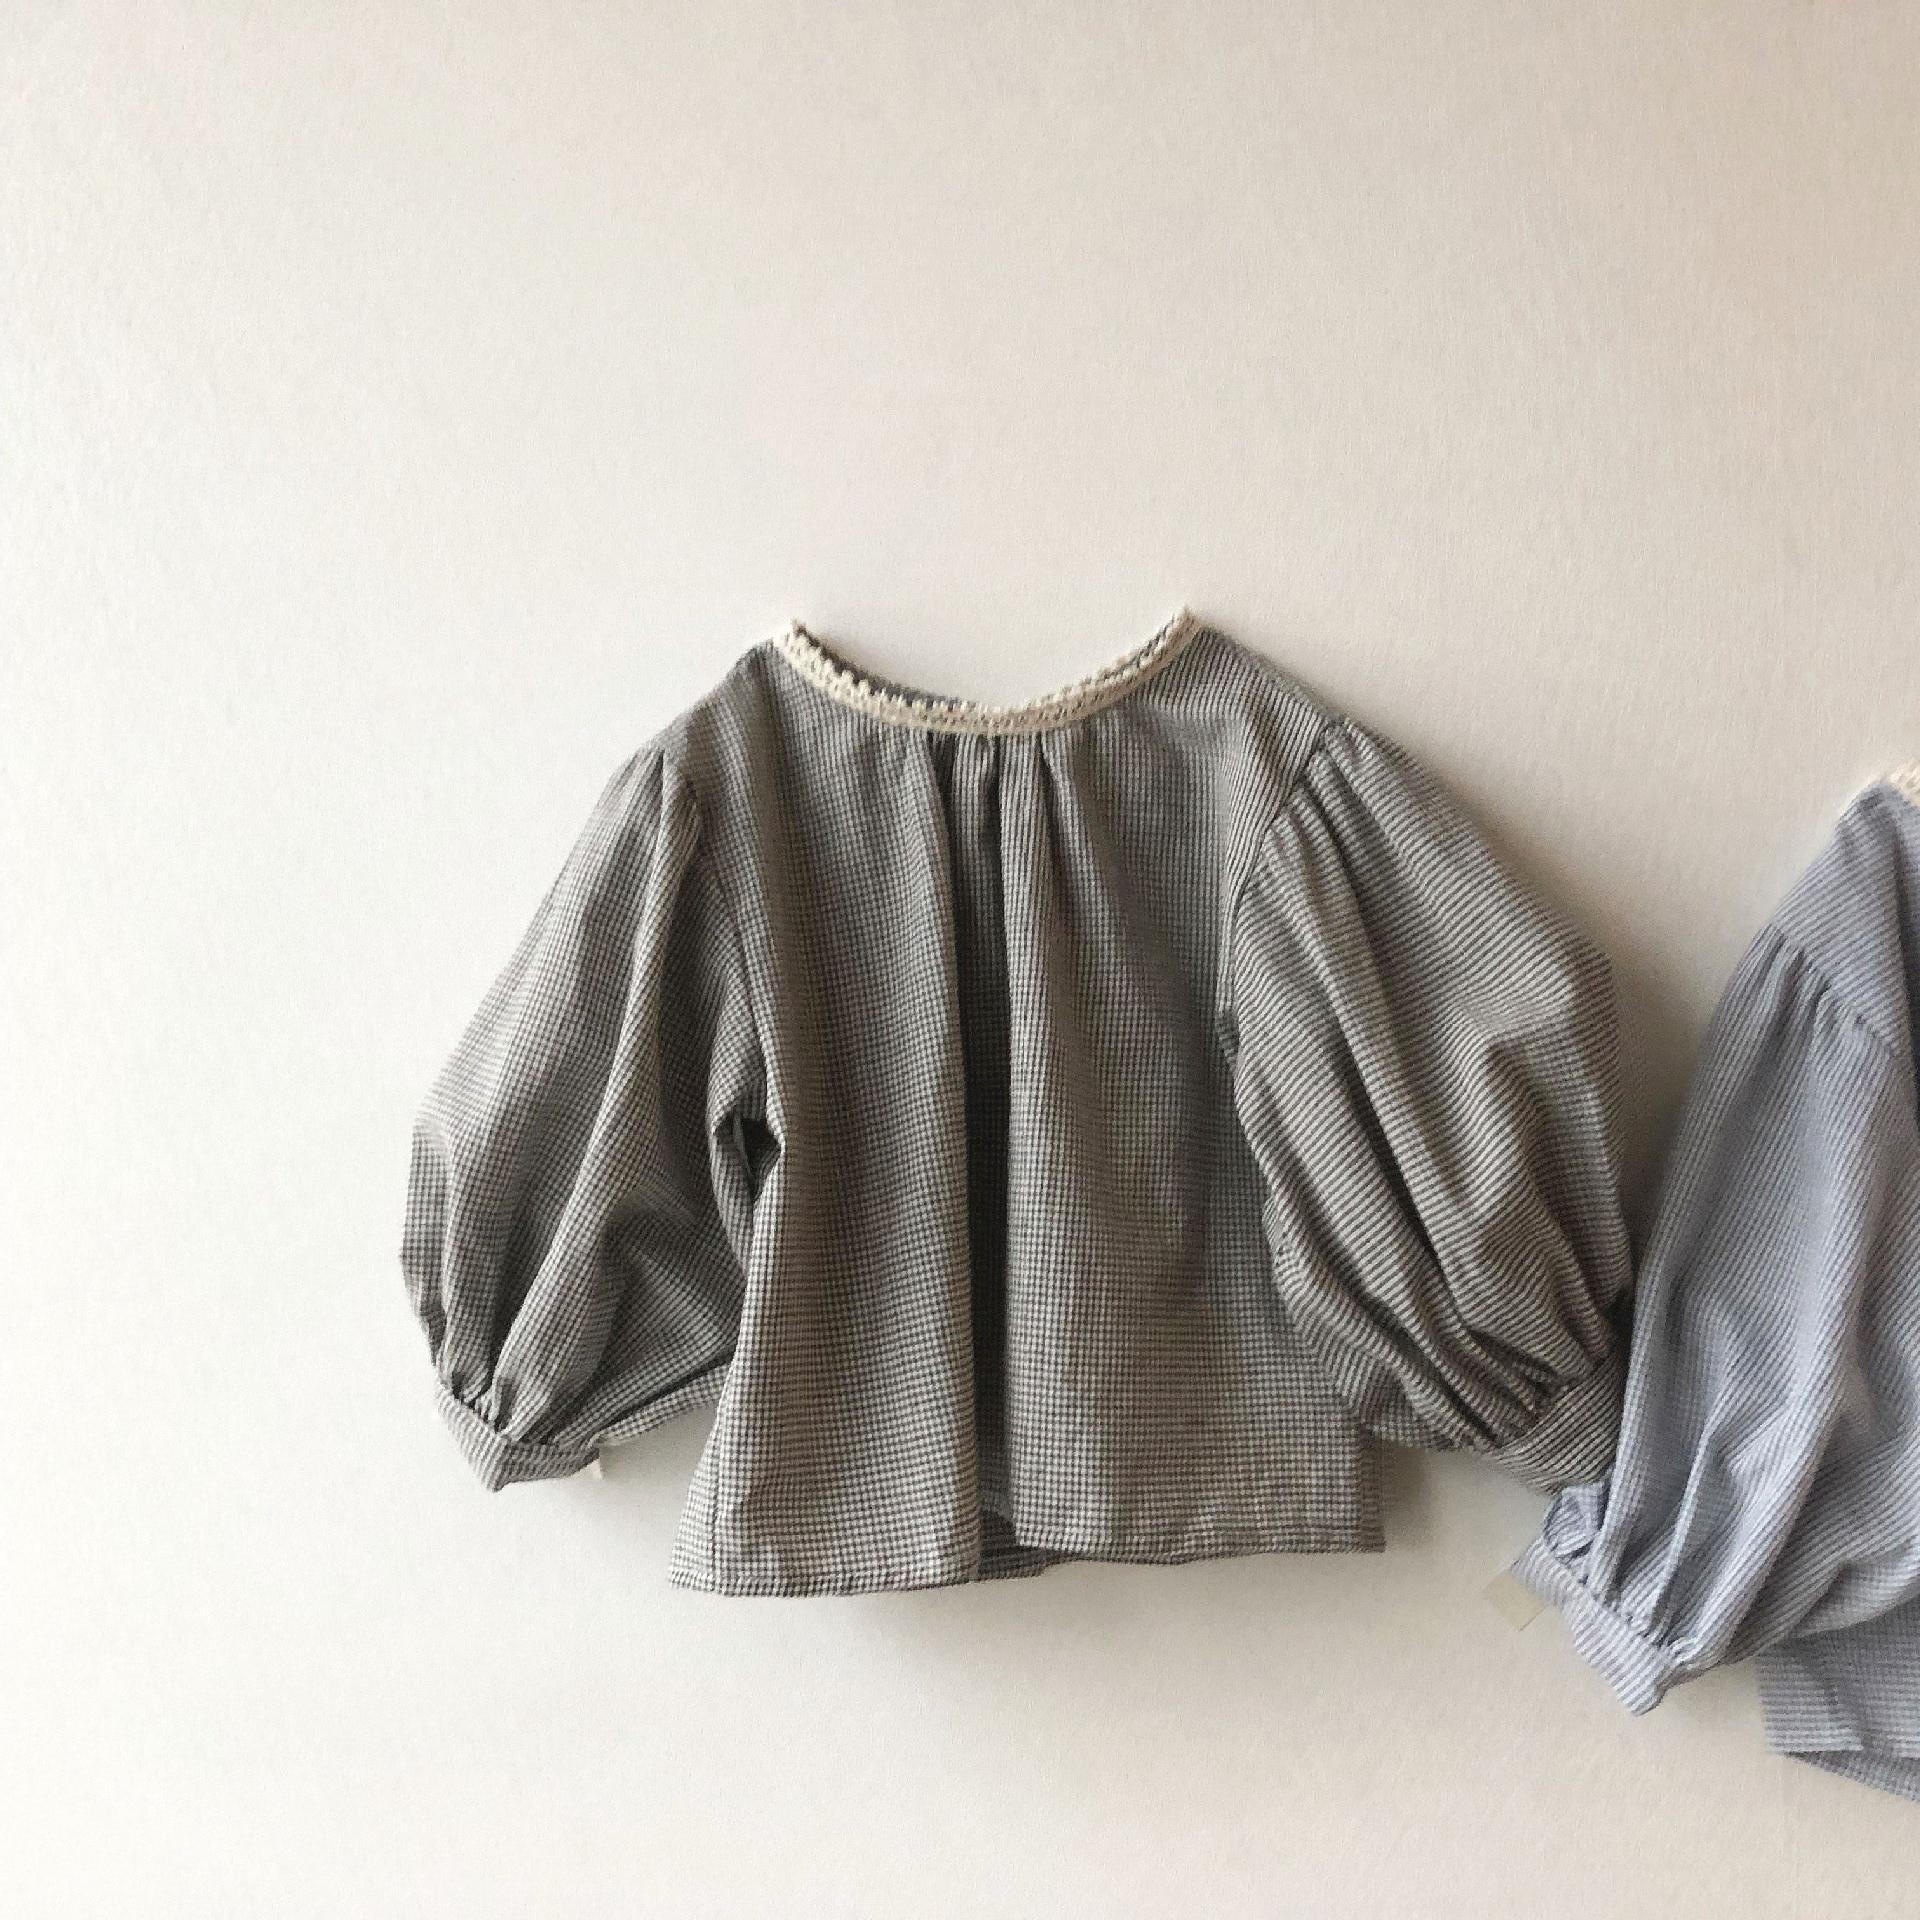 primavera novas crianças roupas de algodão base tops para meninas blusa